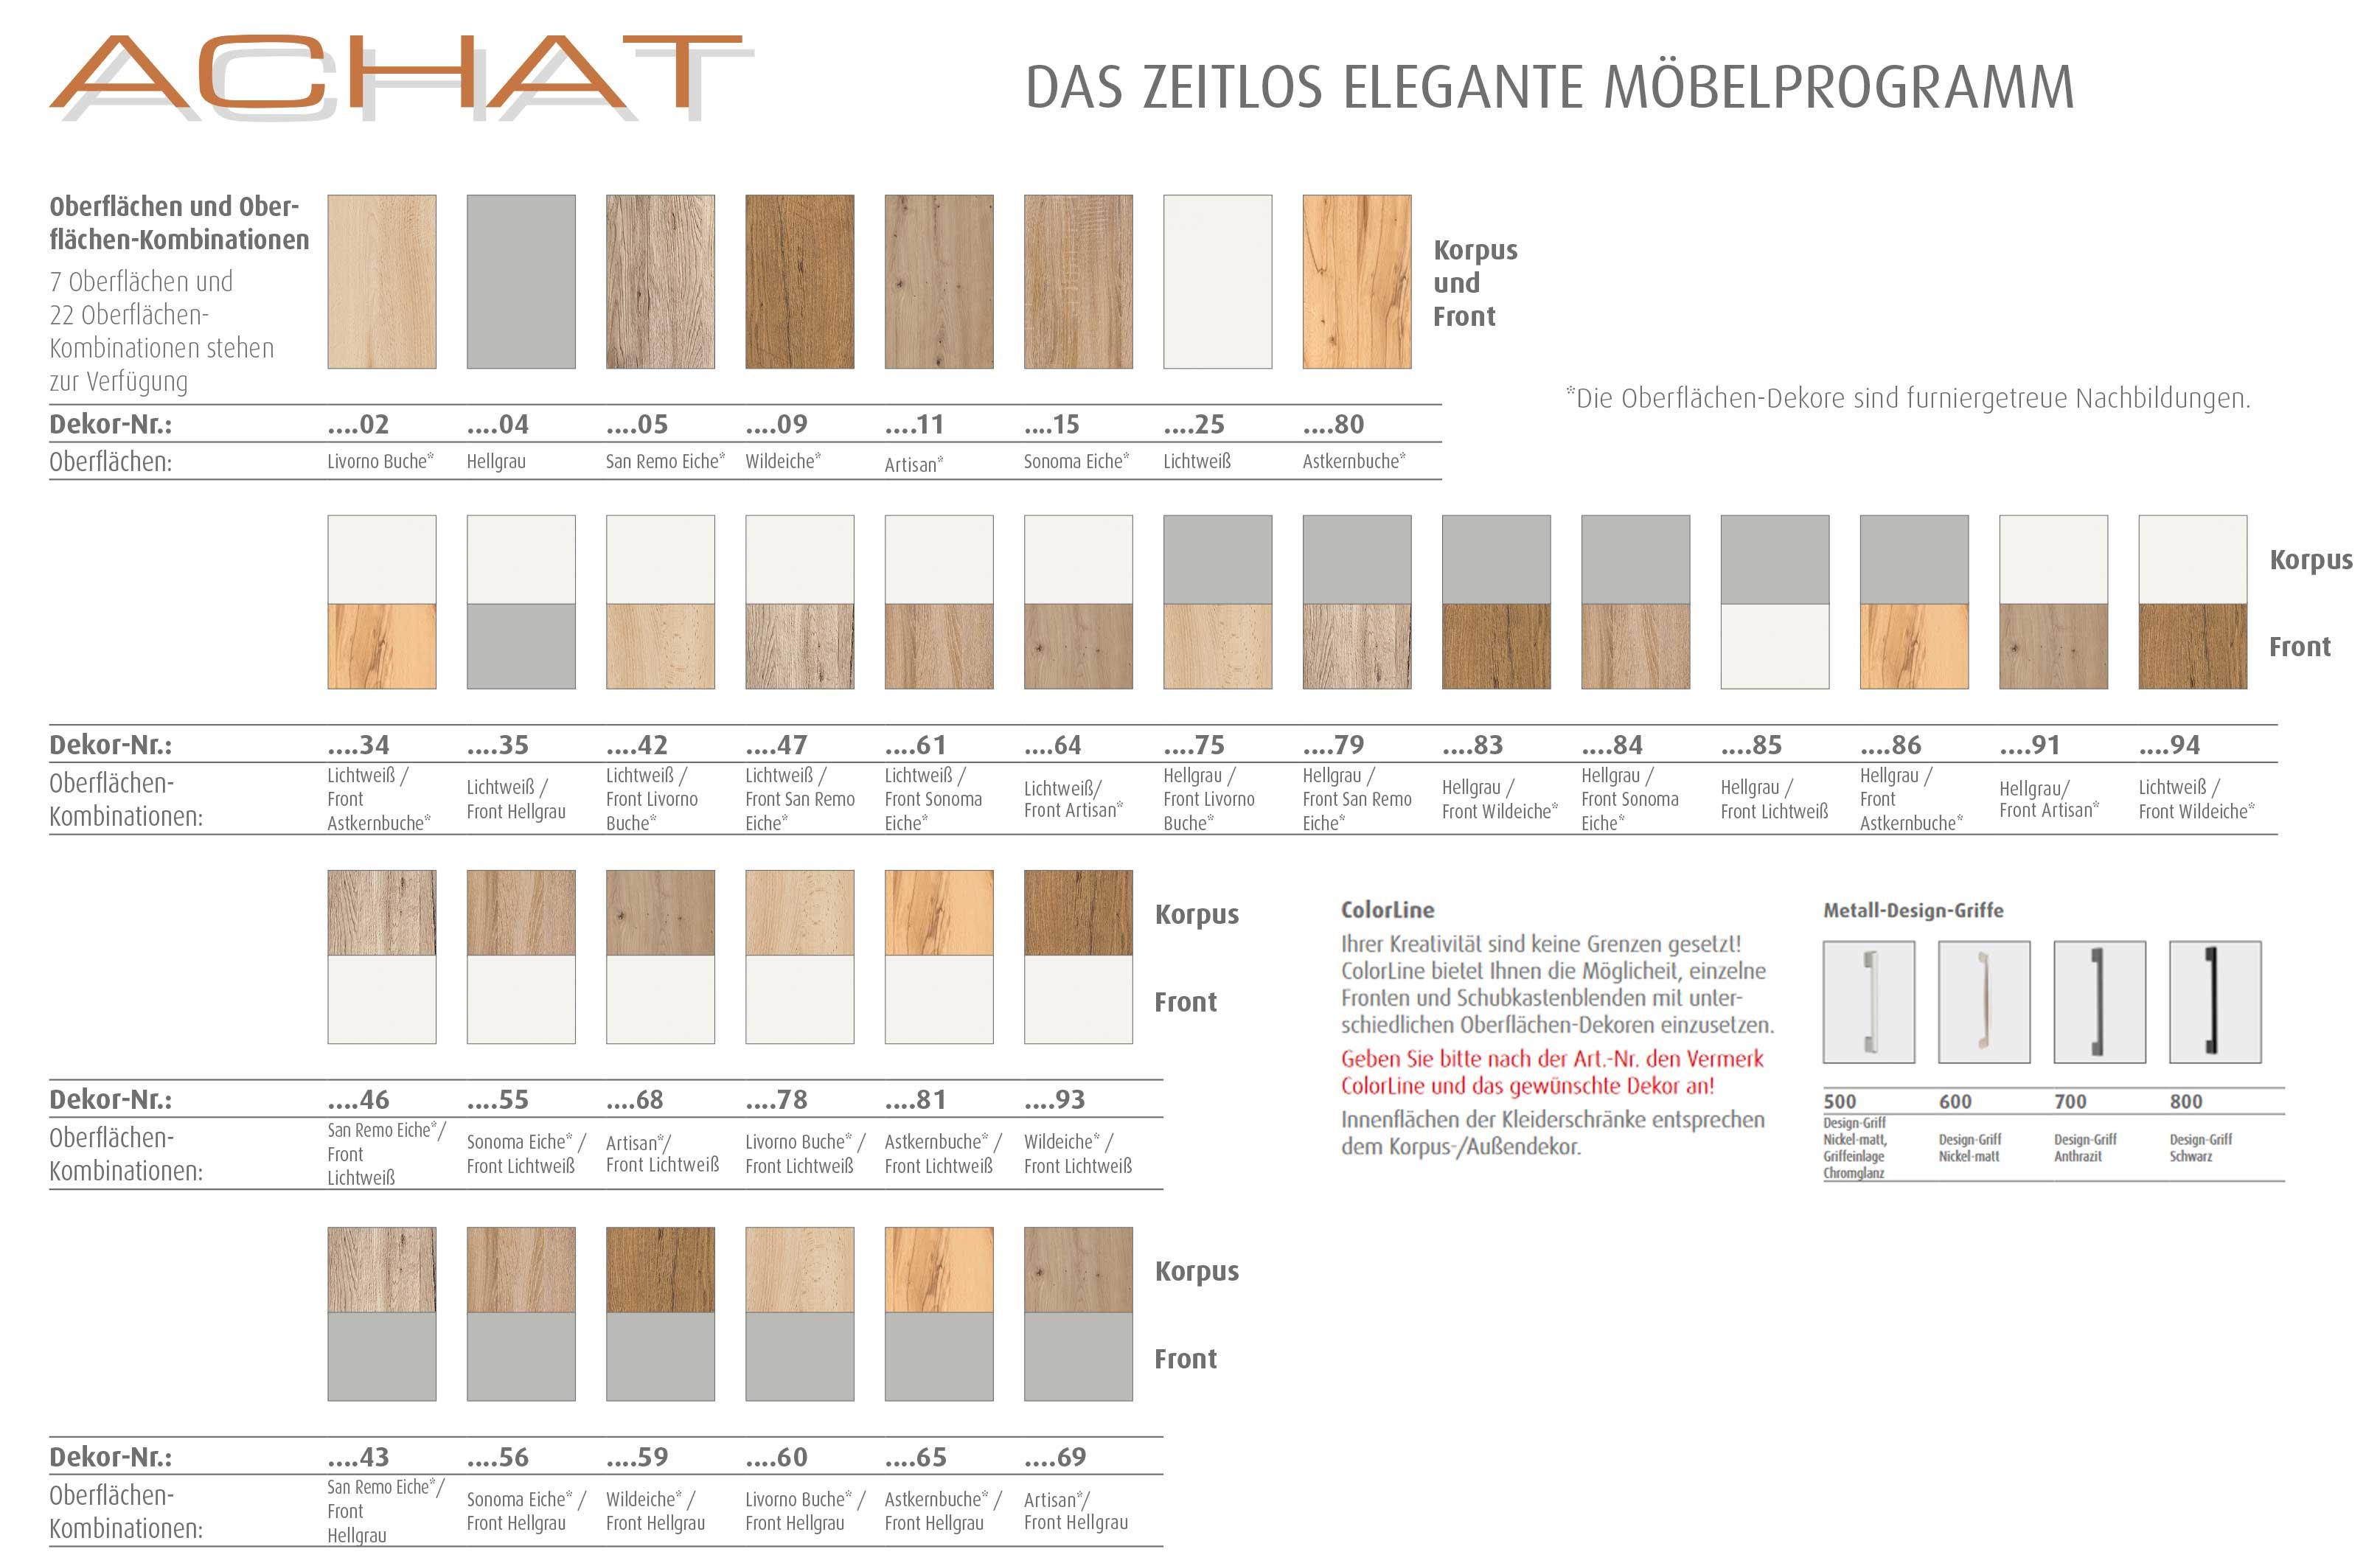 Priess Achat Farbvarianten